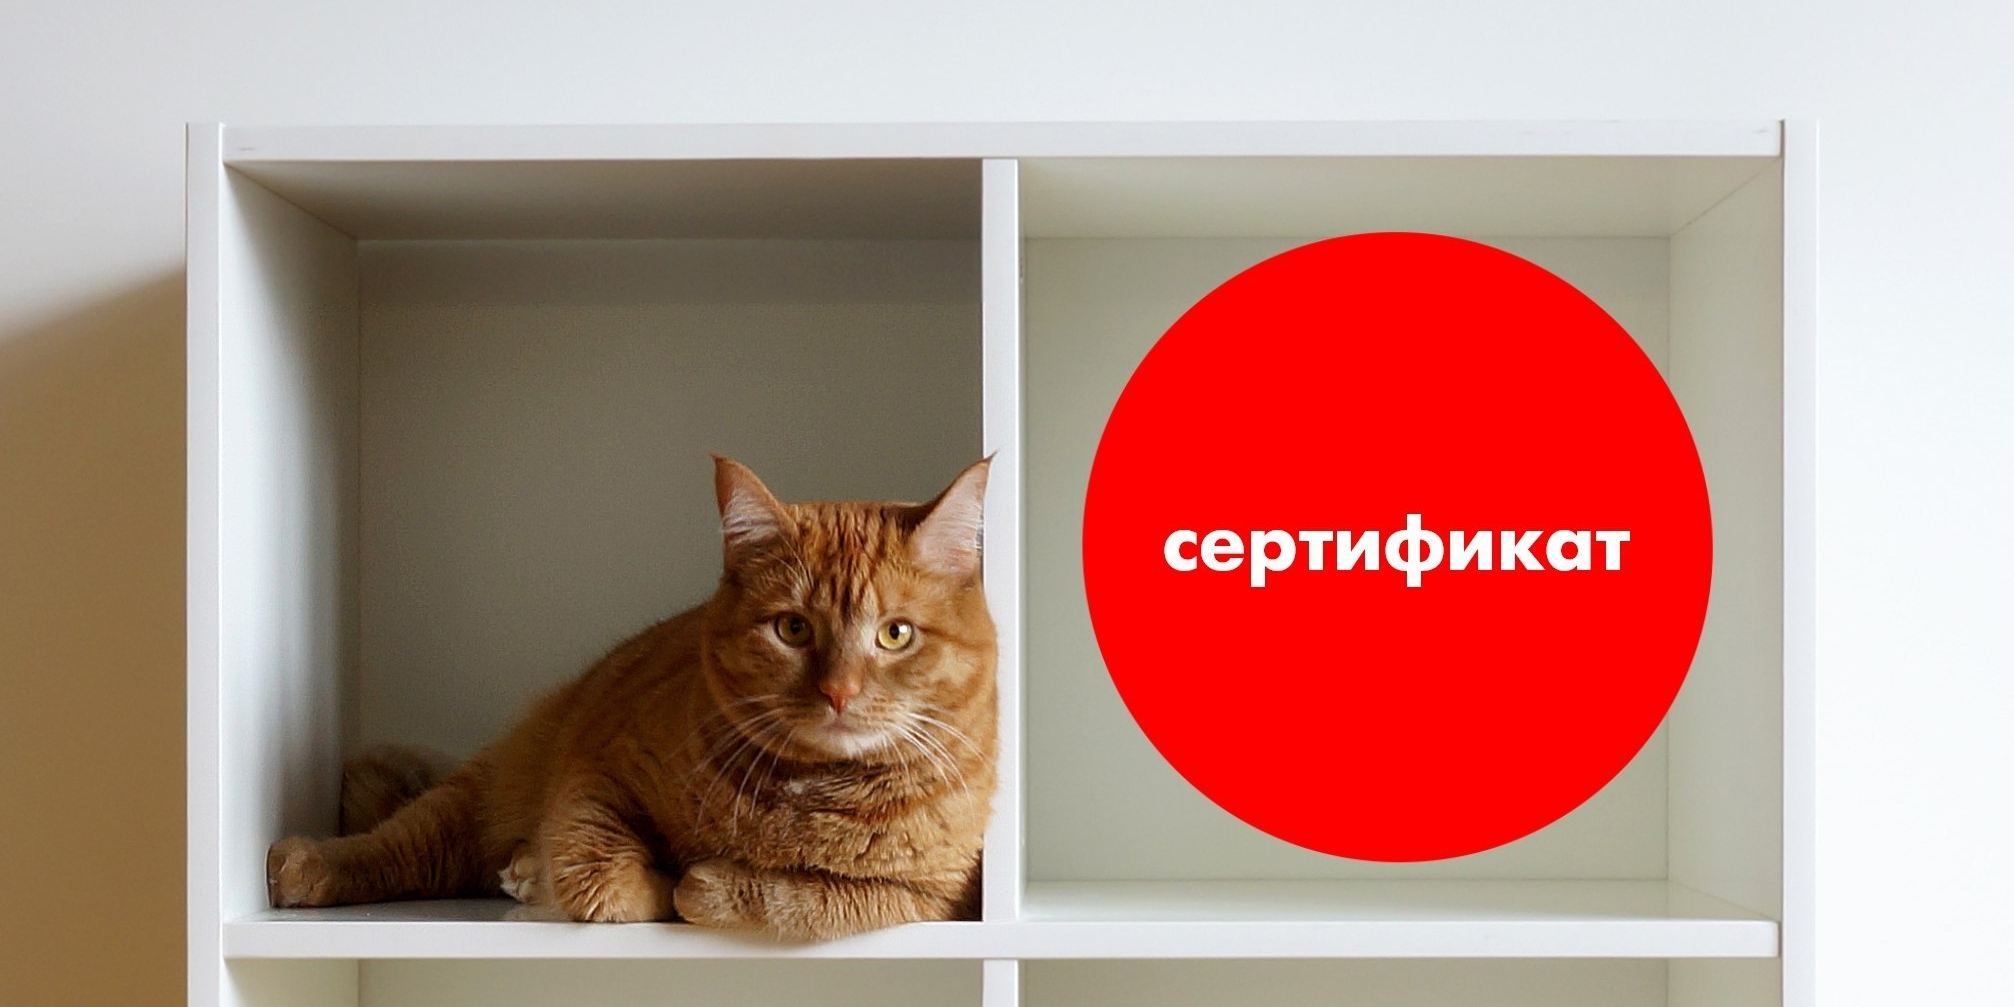 Внимание! Розыгрыш 3 сертификатов на 1000 рублей.